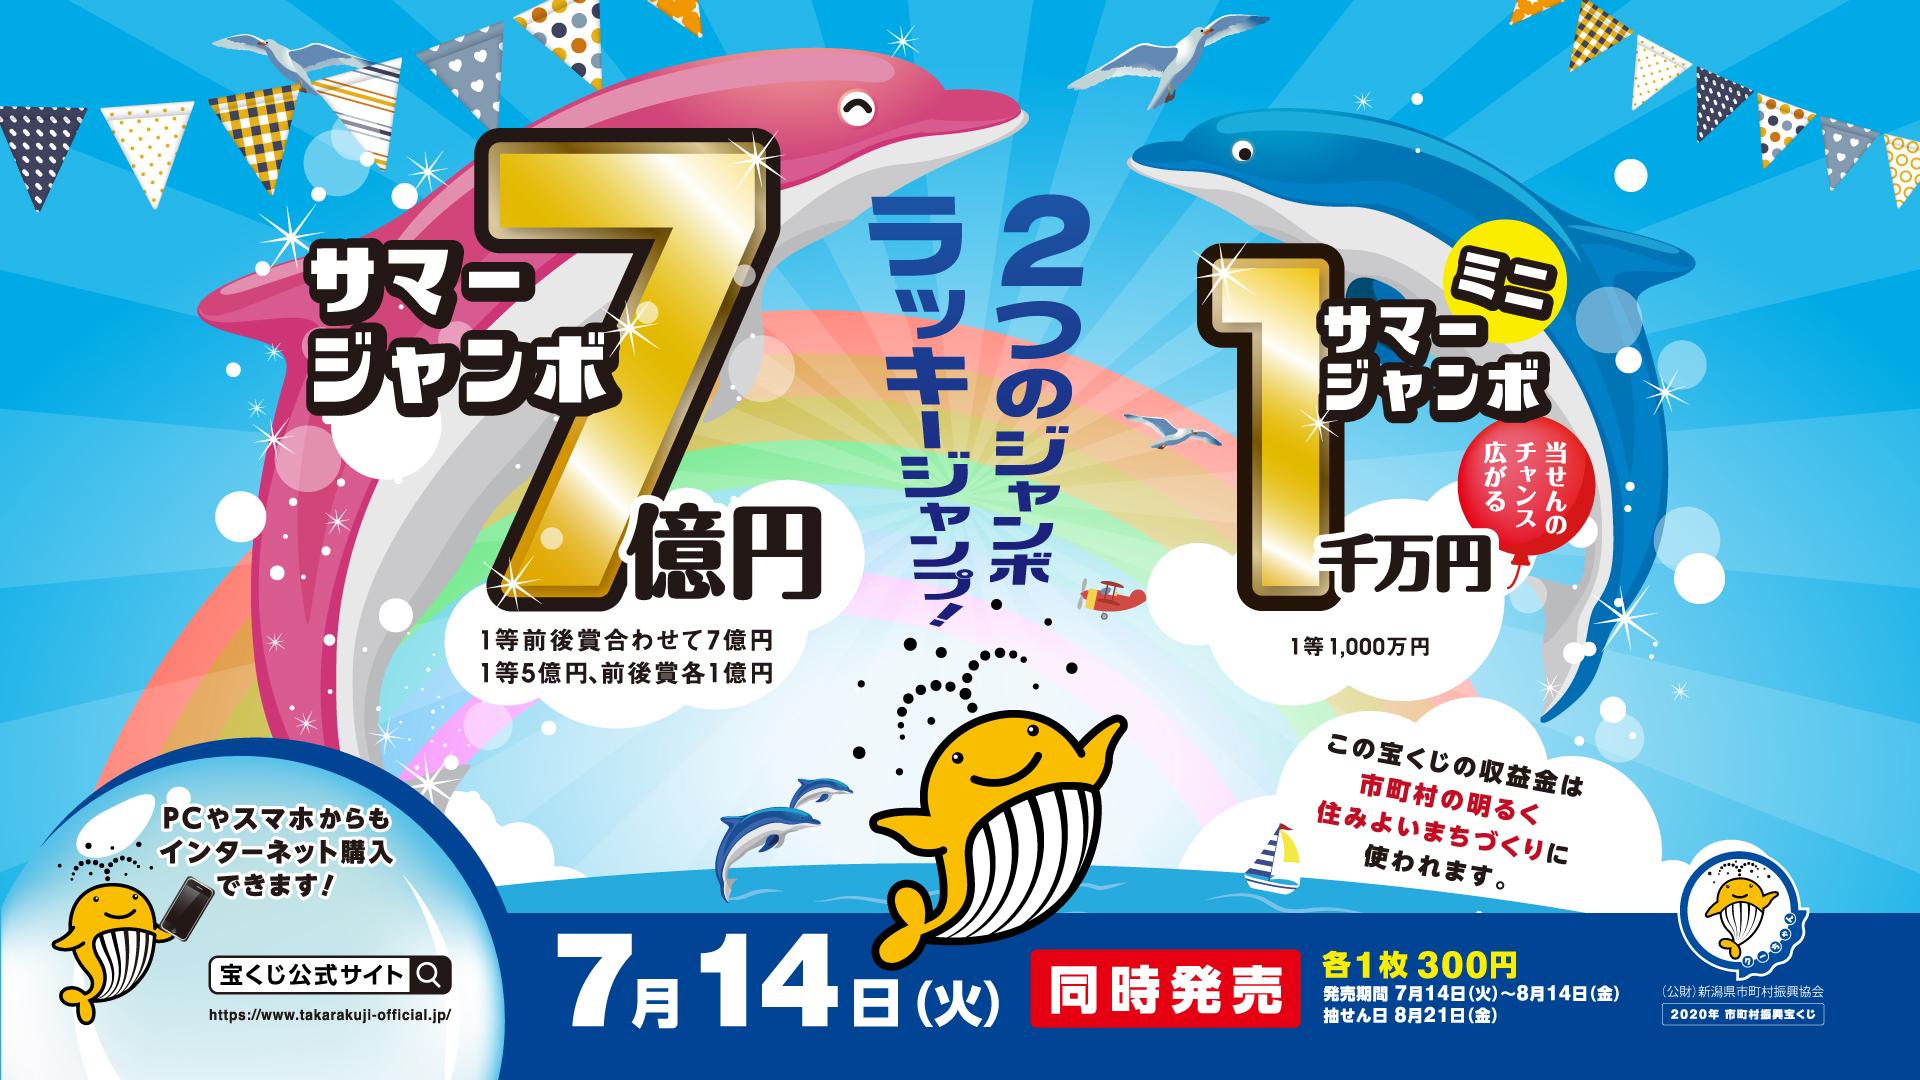 宝くじ 2020 スケジュール ジャンボ